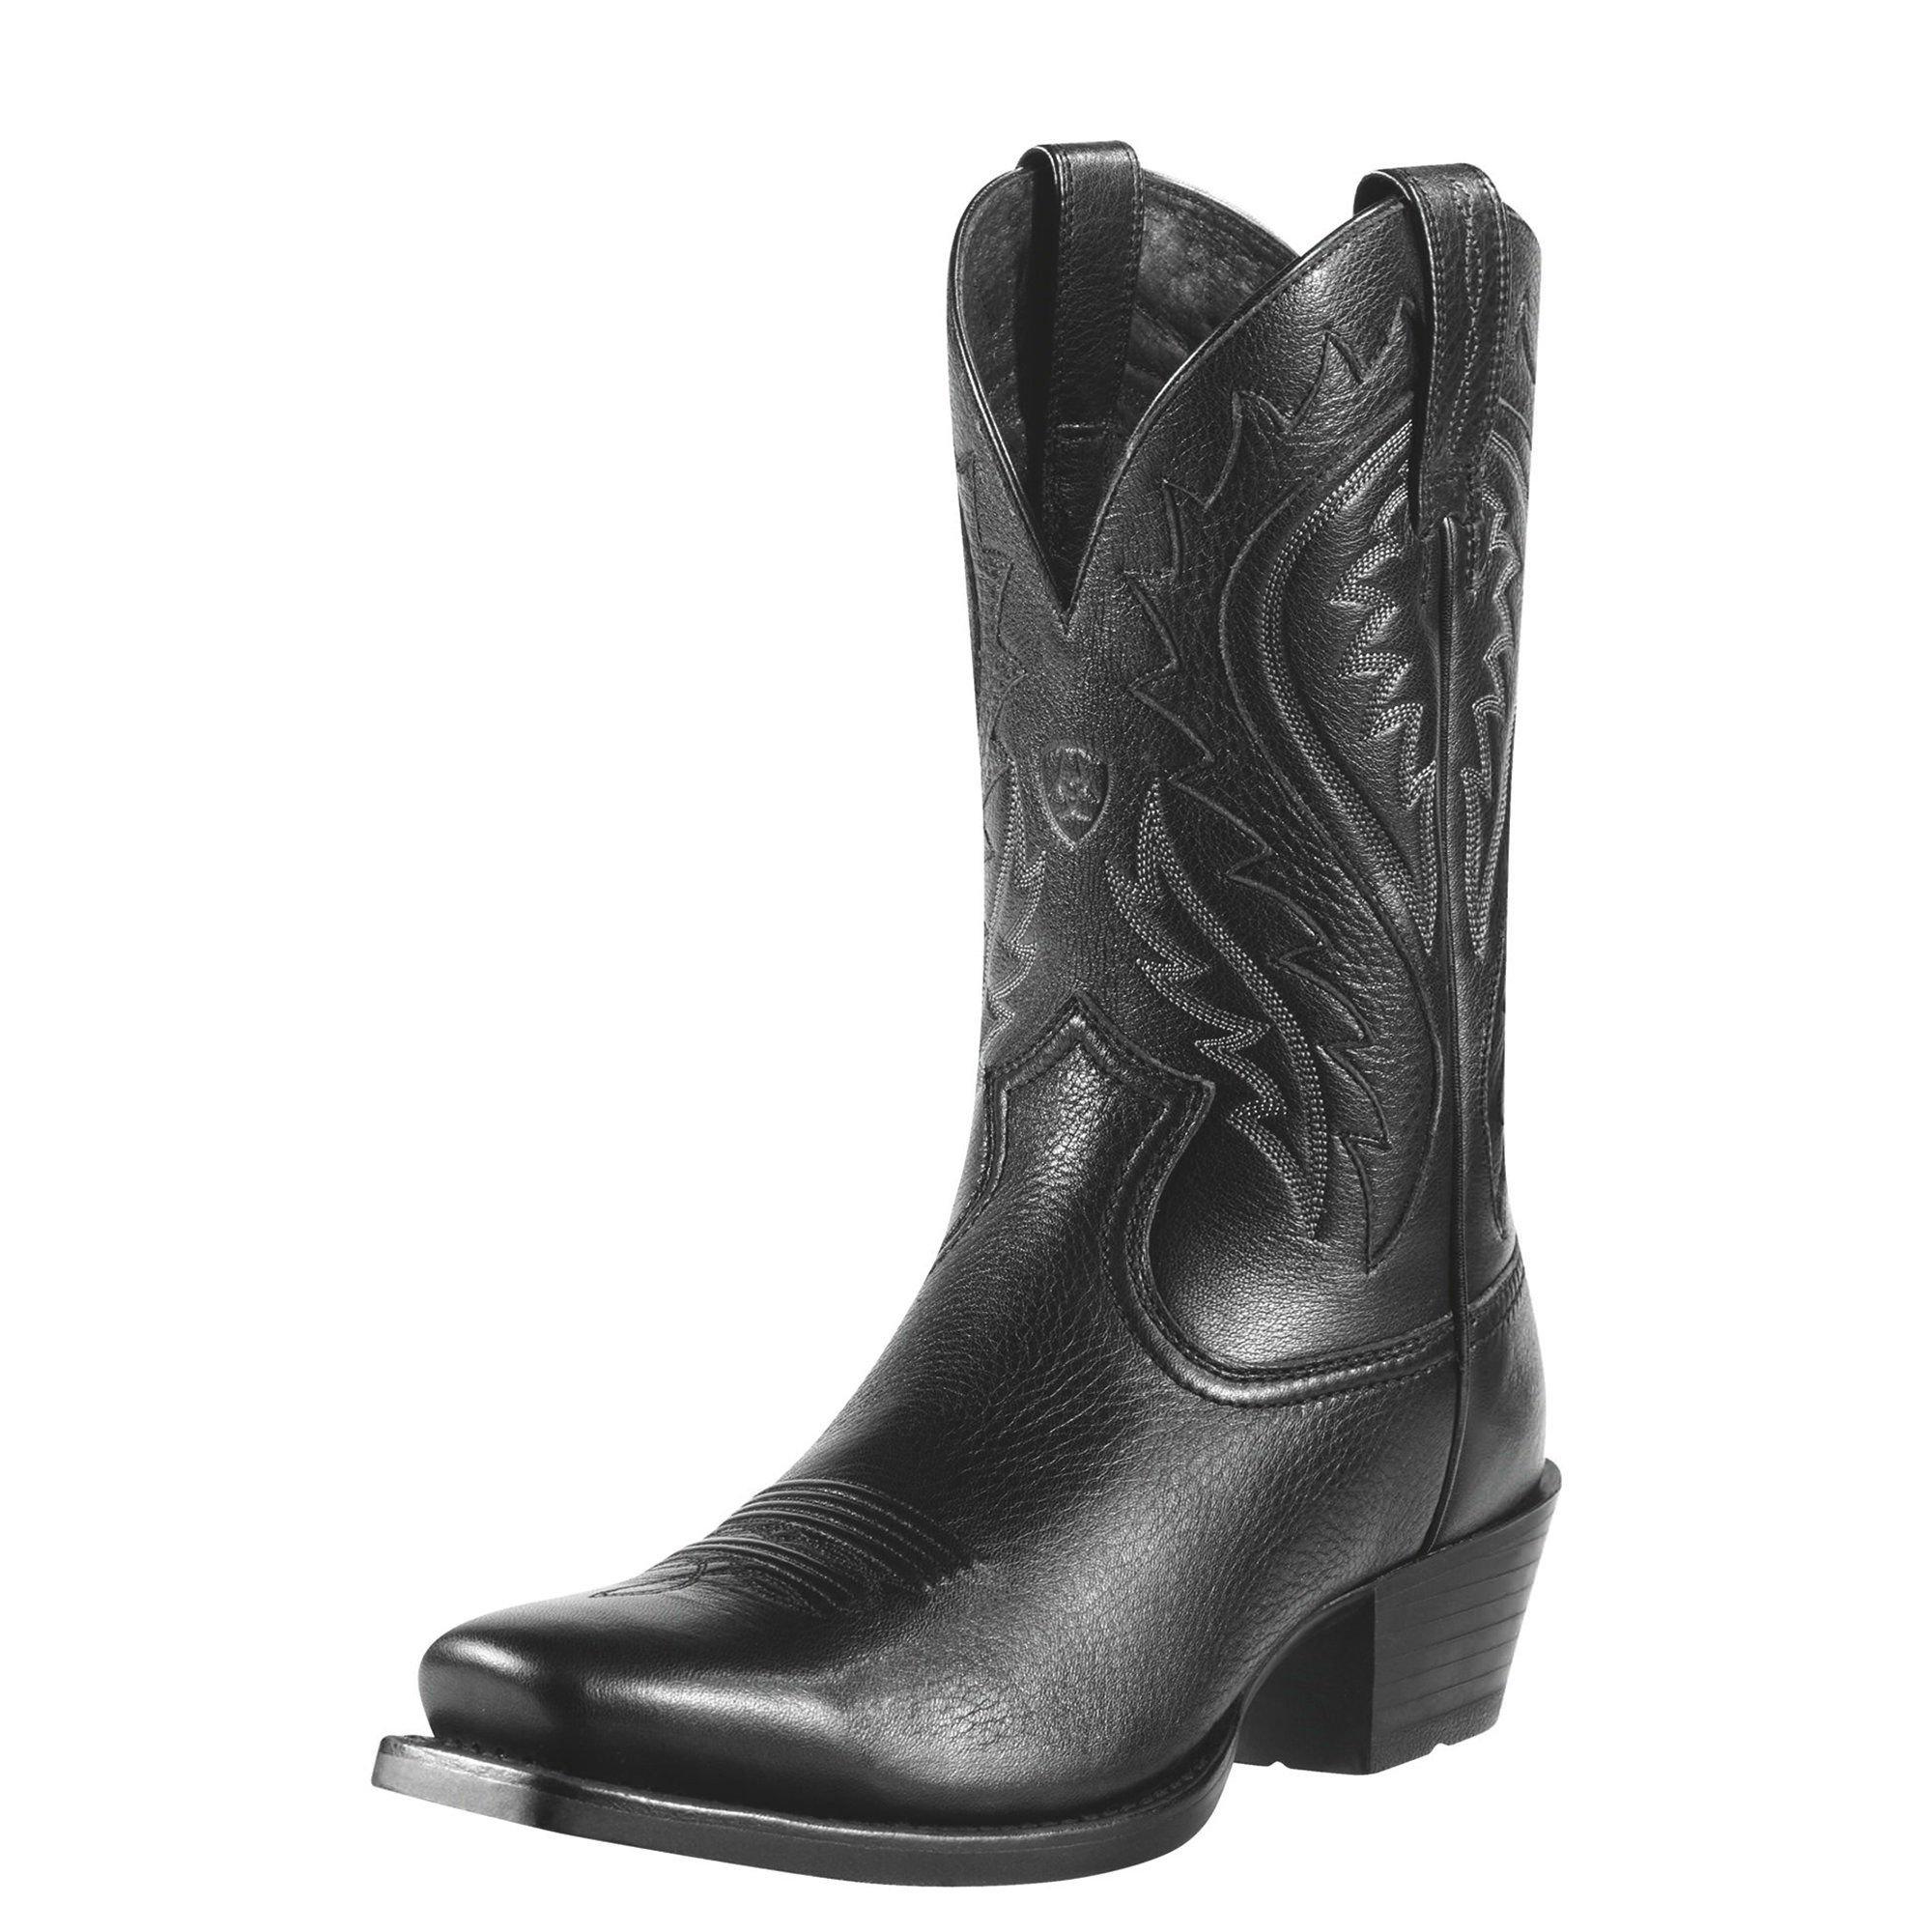 Ariat Men's Legend Phoenix Western Cowboy Boot, Black Deertan, 11 M US